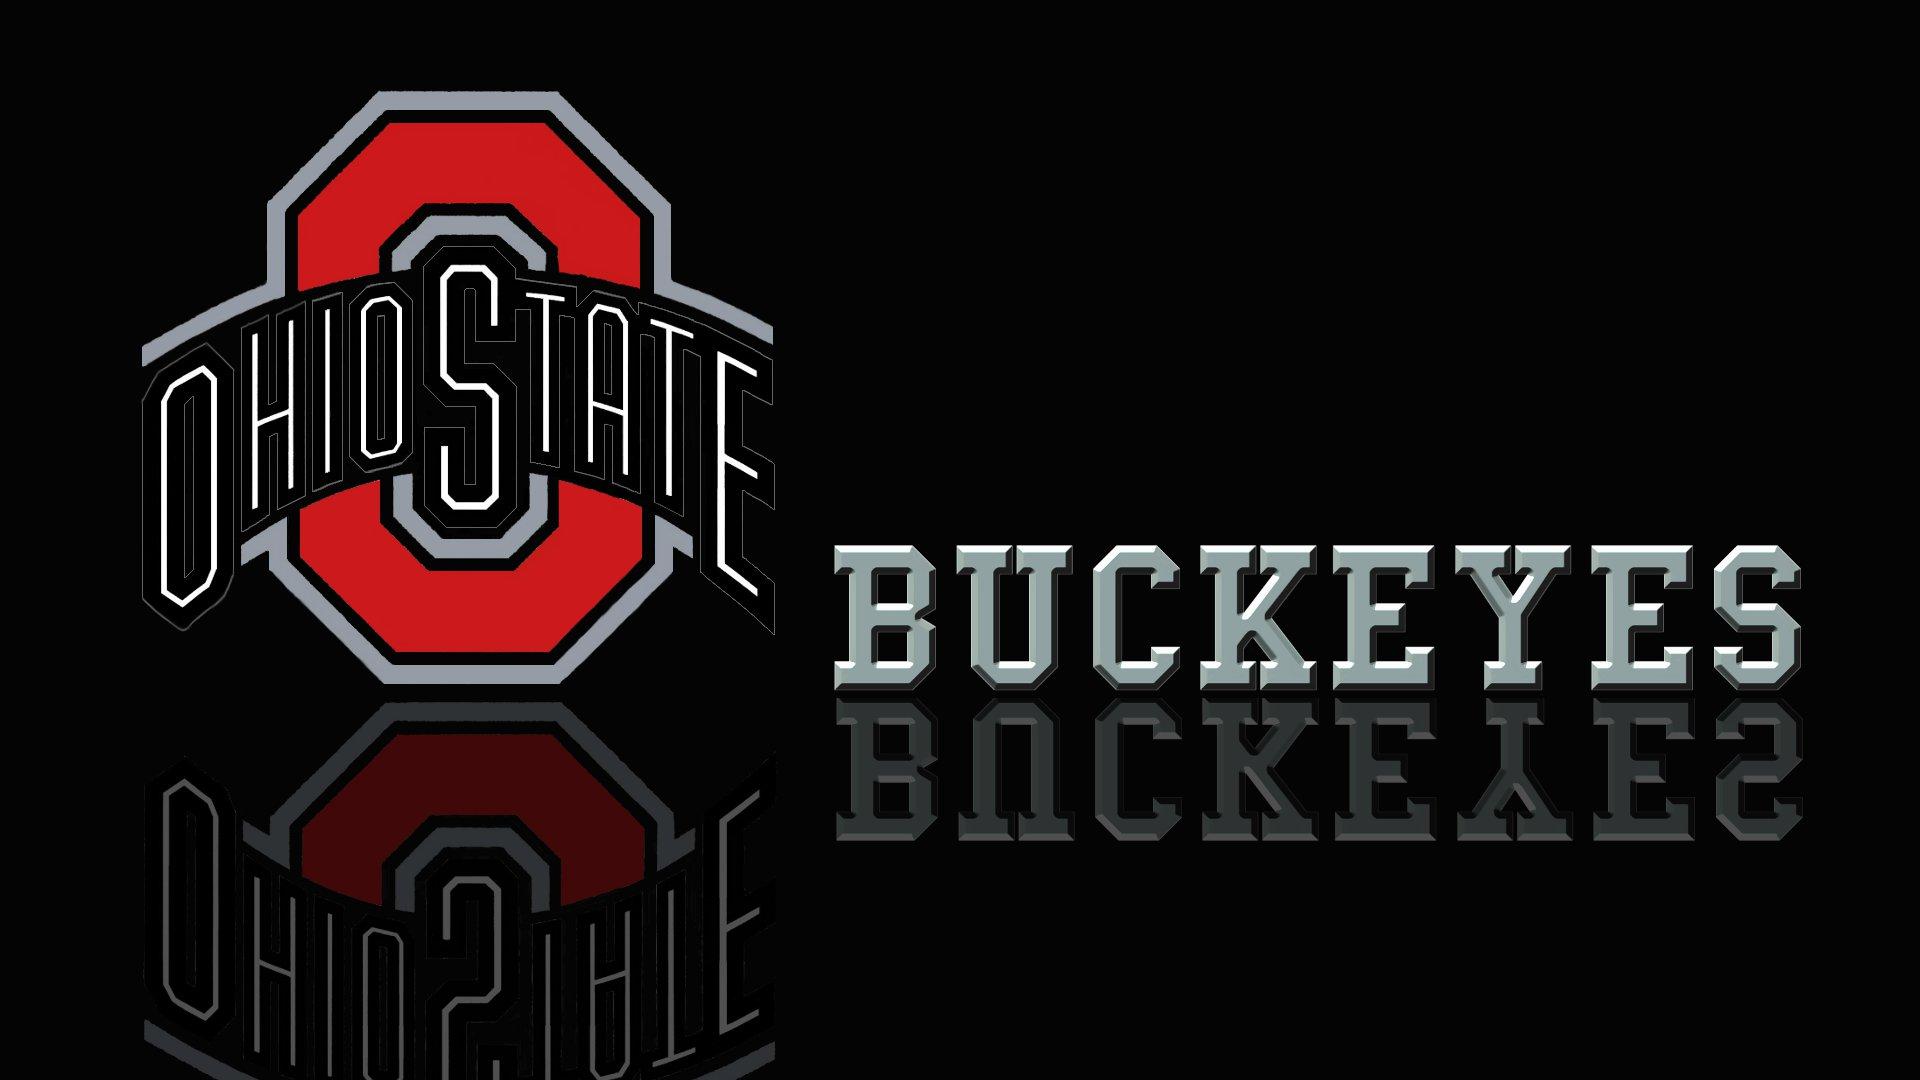 ohio state buckeyes wallpaper wallpapersdb ohio state buckeyes 1920x1080